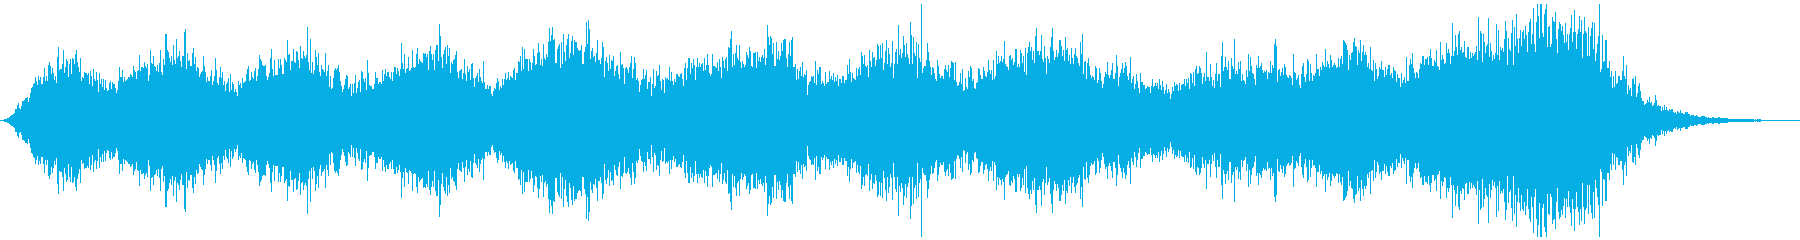 PADS 危険な空気01の再生済みの波形